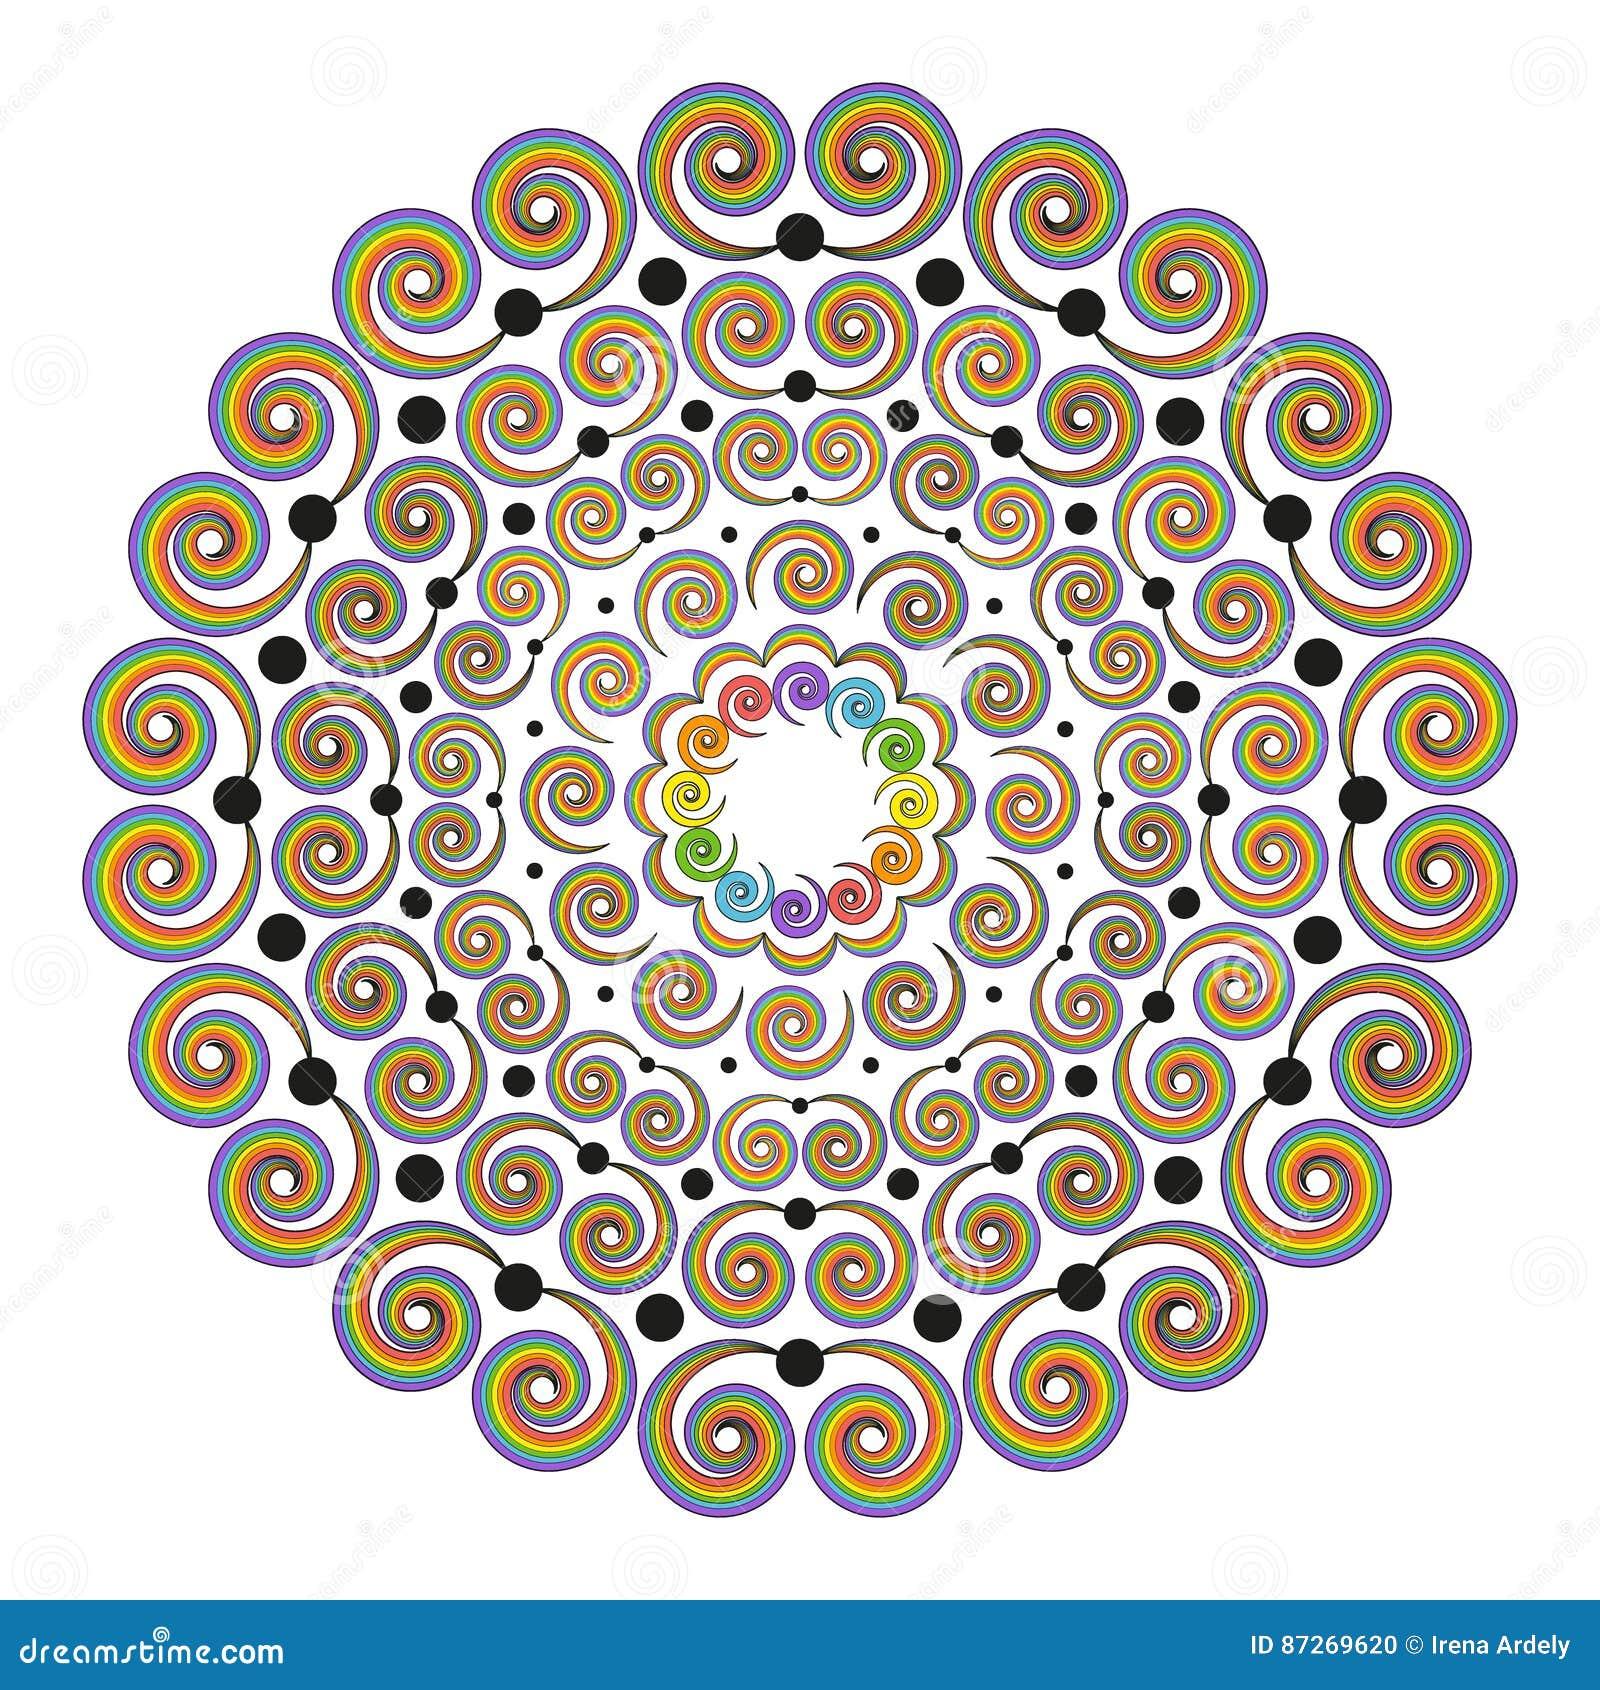 Coloriage Adulte Spirale.Le Vecteur A Colore Autour Des Spirales Bouclees De Mandala De